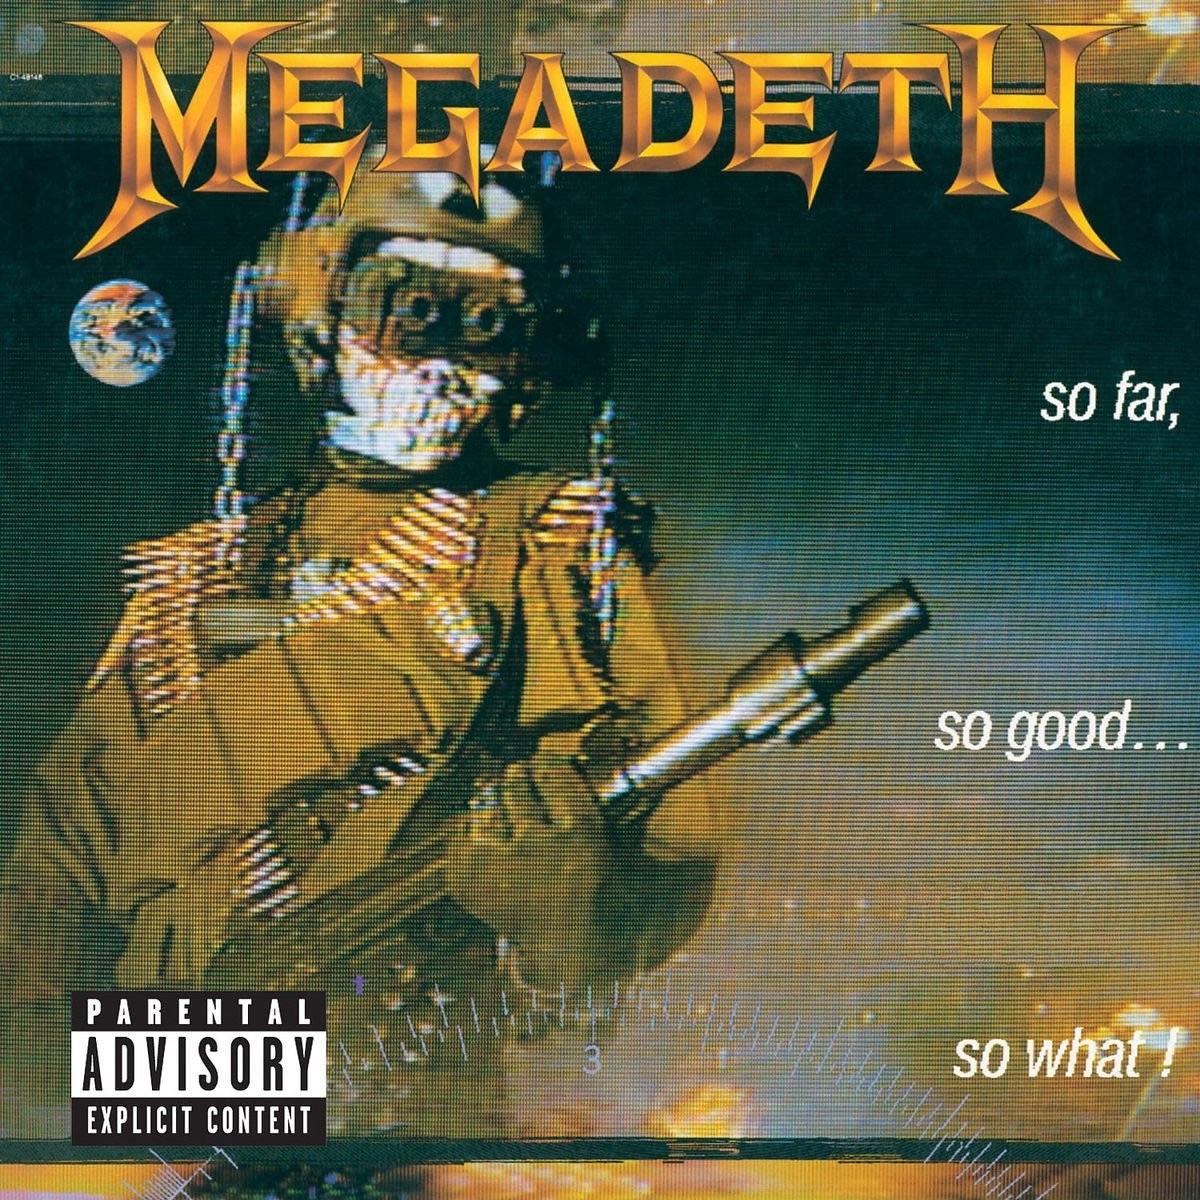 Megadeth - So Far So Good So What